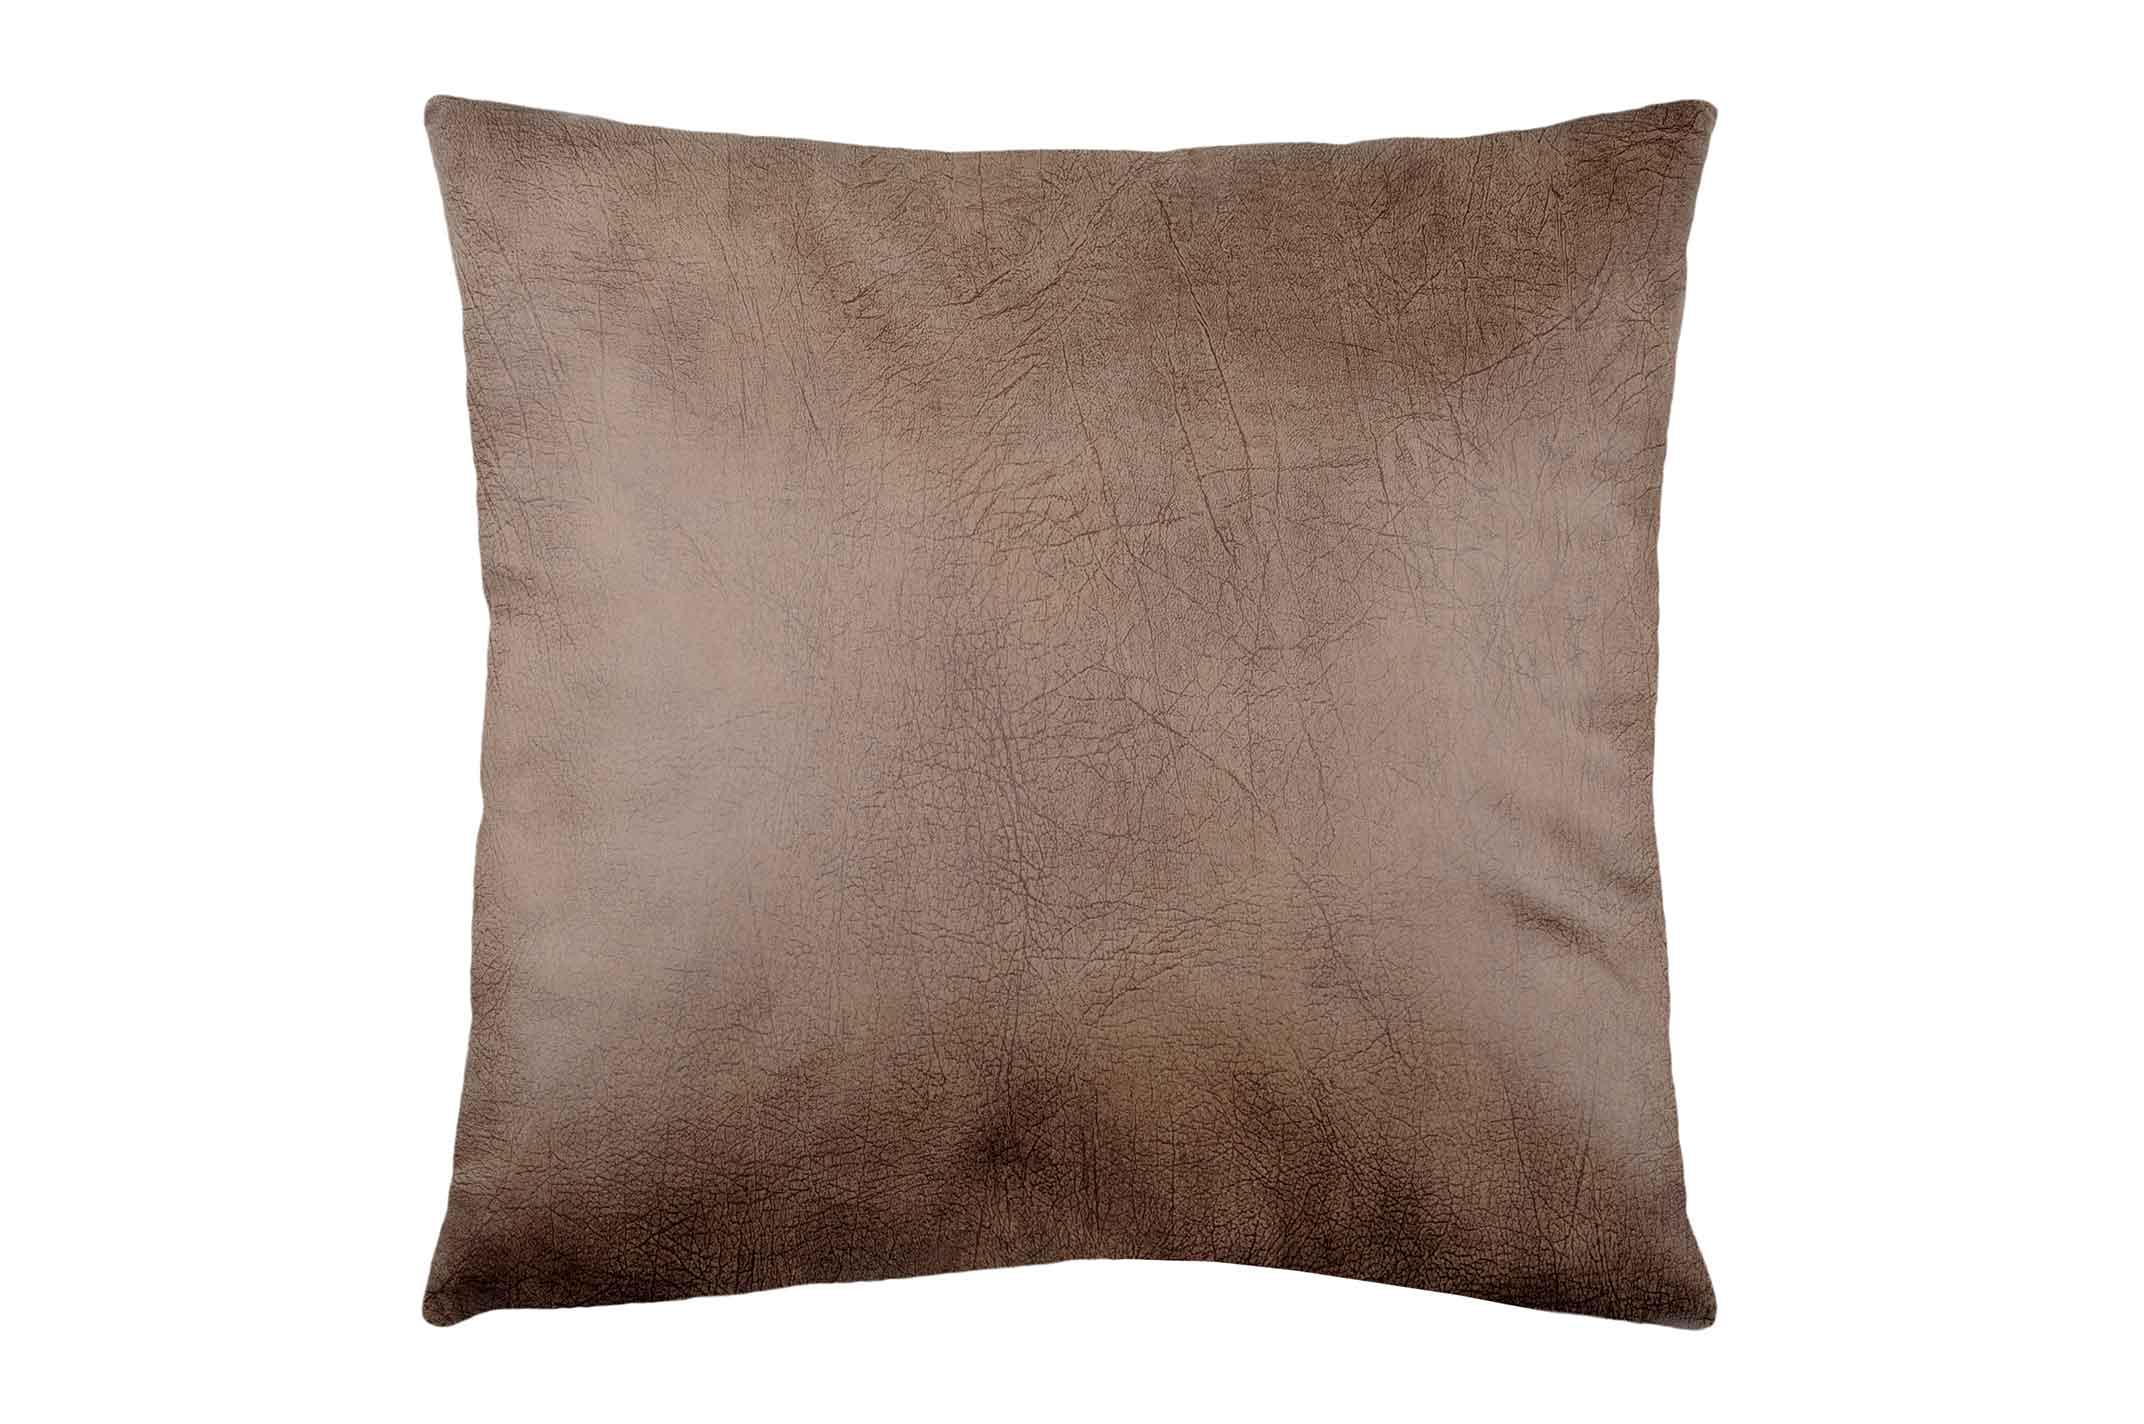 coussin effet cuir tann marron ecru homemaison vente en ligne coussins standards. Black Bedroom Furniture Sets. Home Design Ideas